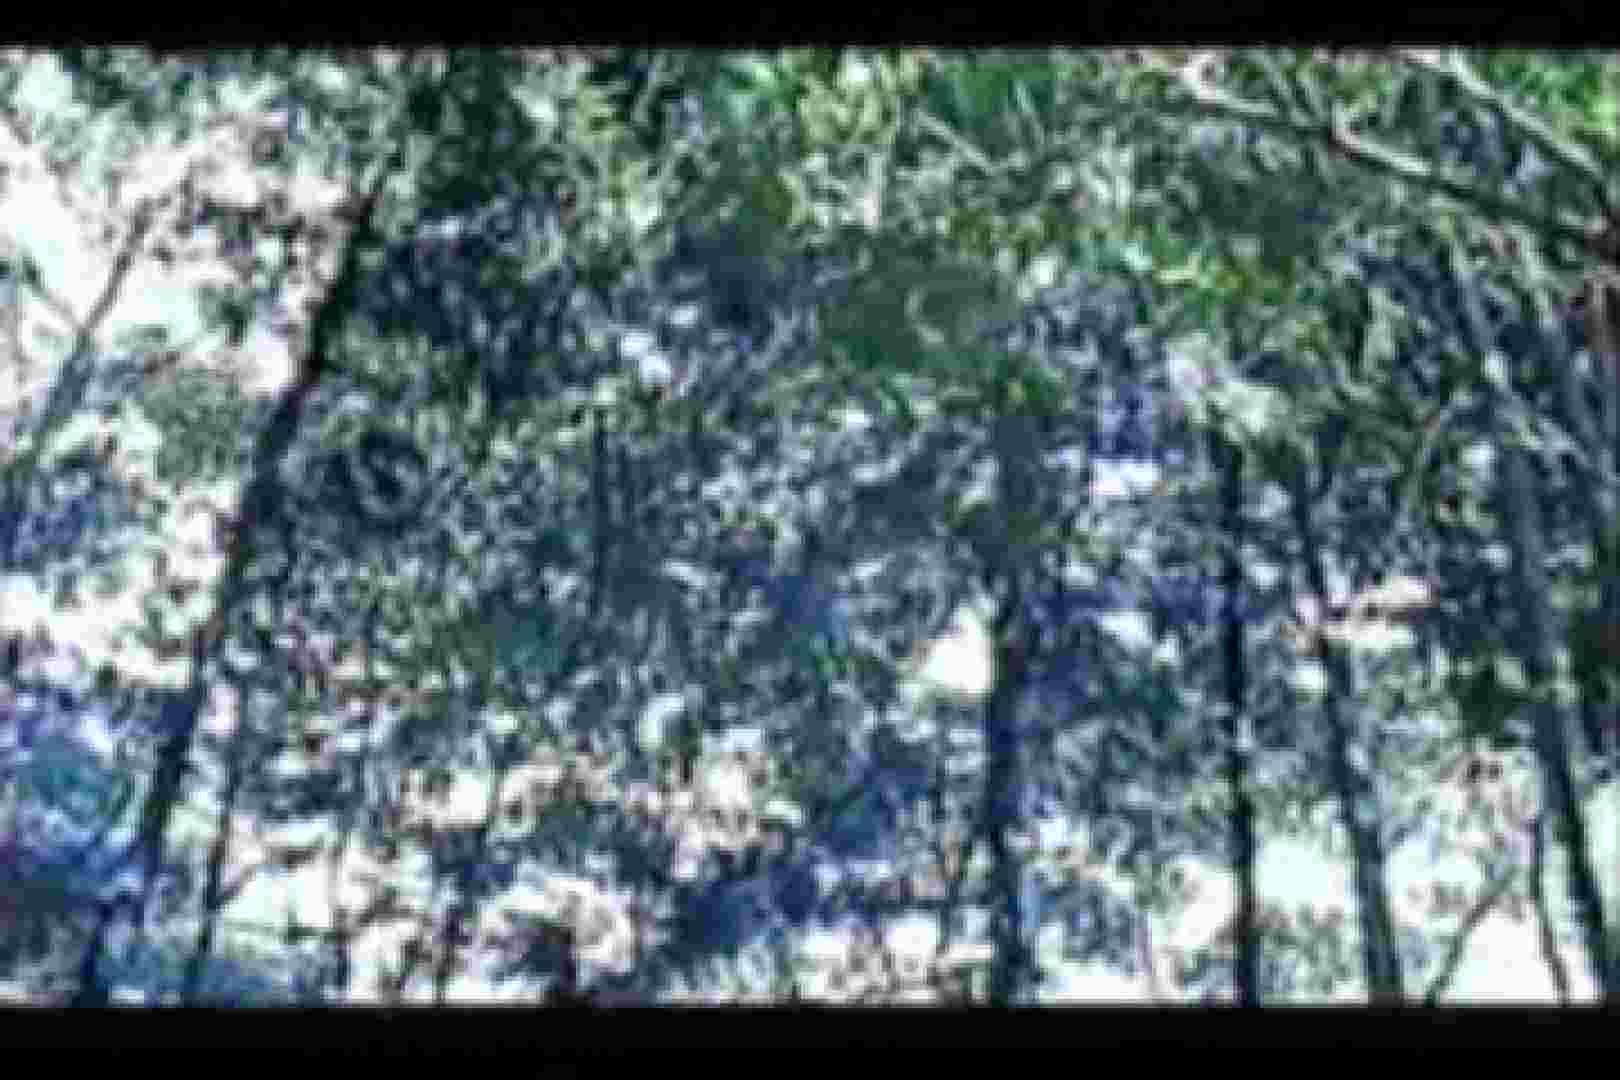 オールドゲイシリーズ  美少年ひかるのオープンファック イケメン  106pic 42